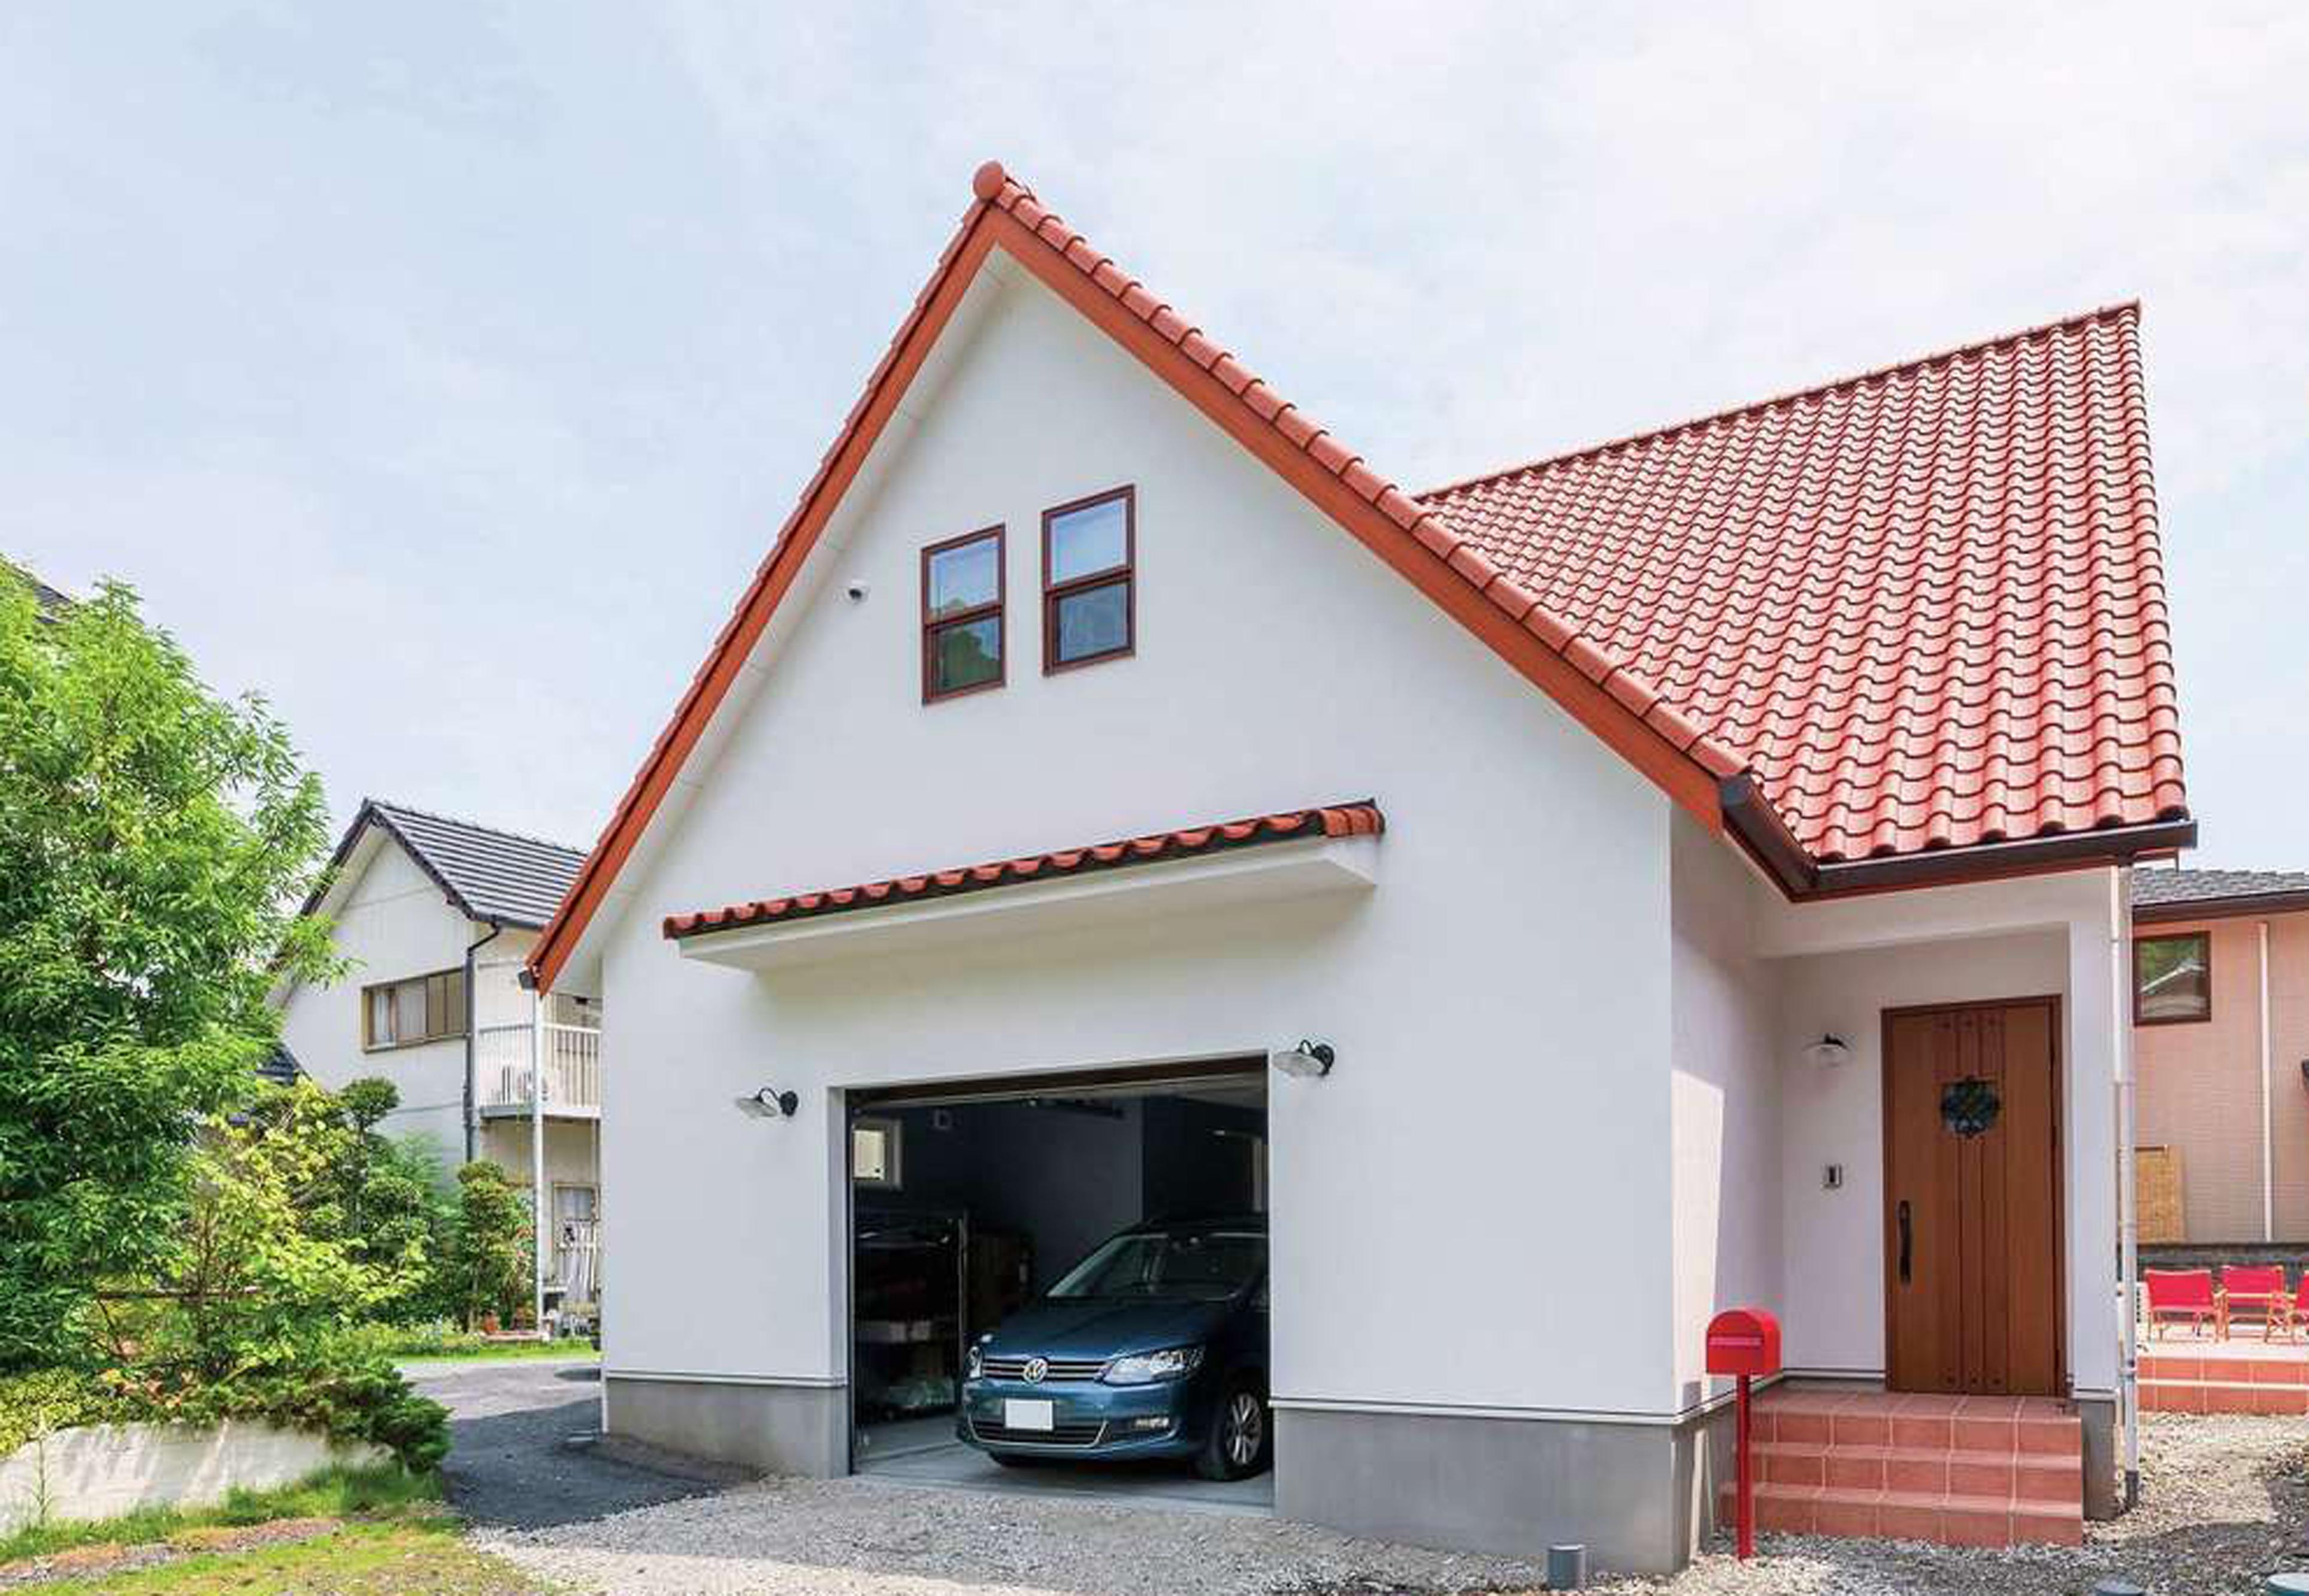 電線の引き込みやアンテナケーブルは地中を通して、理想の外観を実現。屋根の形状、窓の位置まで計算し尽くされたデンマーク住宅